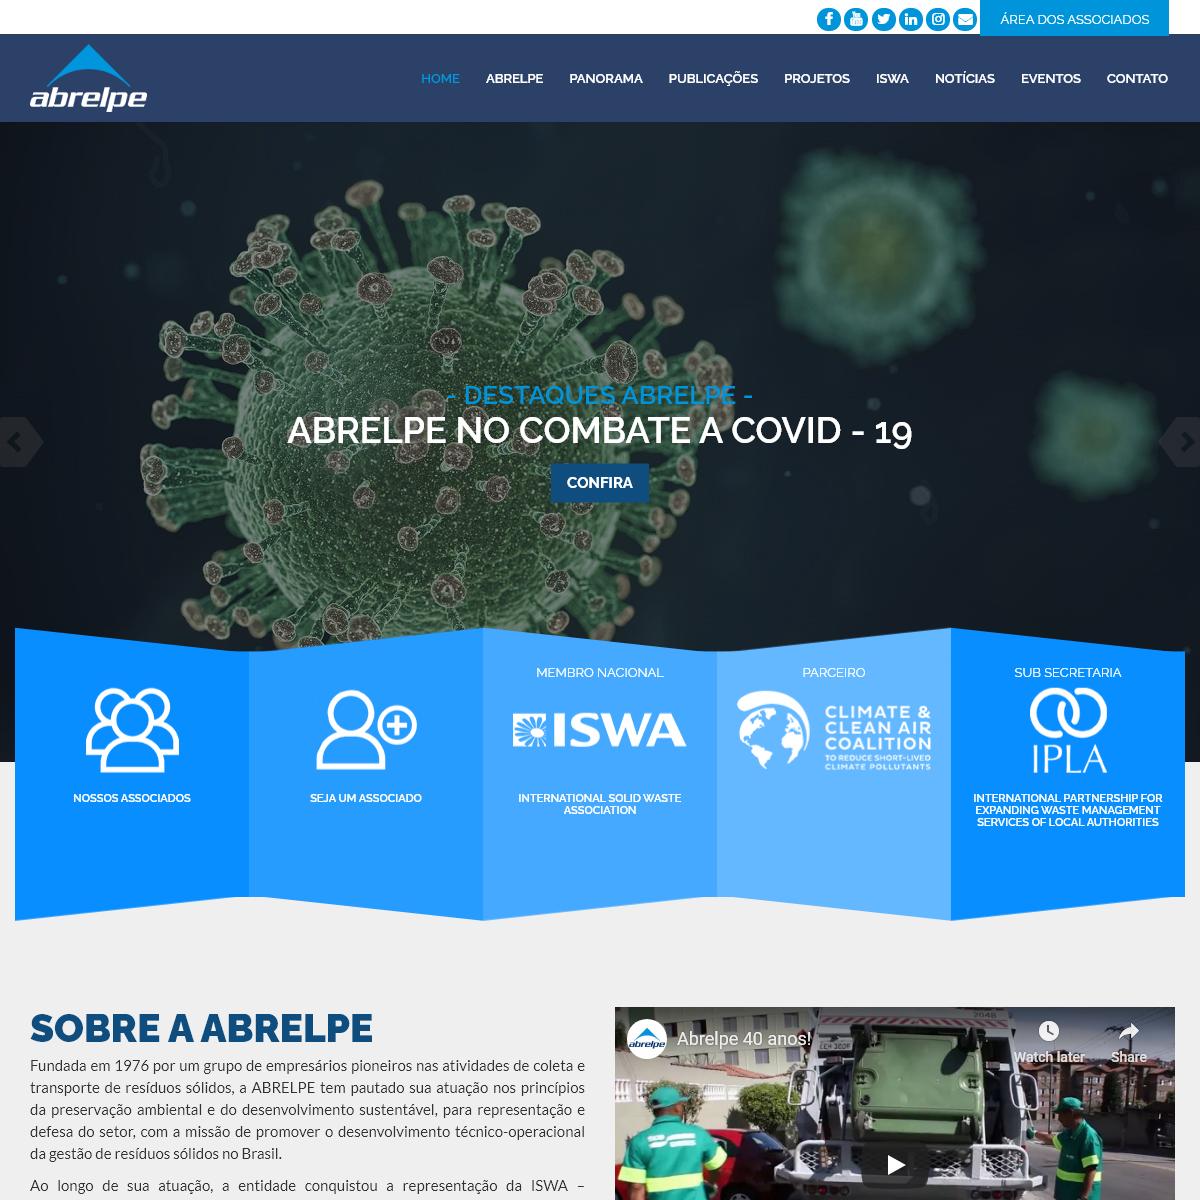 Abrelpe – Associação Brasileira de Empresas de Limpeza Pública e Resíduos Especiais